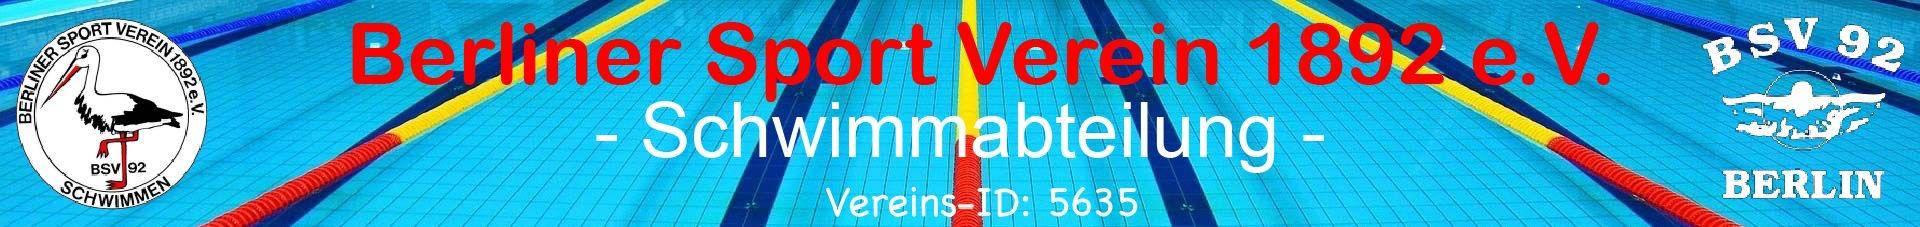 Berliner Sport Verein 1892 e.V - Schwimmabteilung